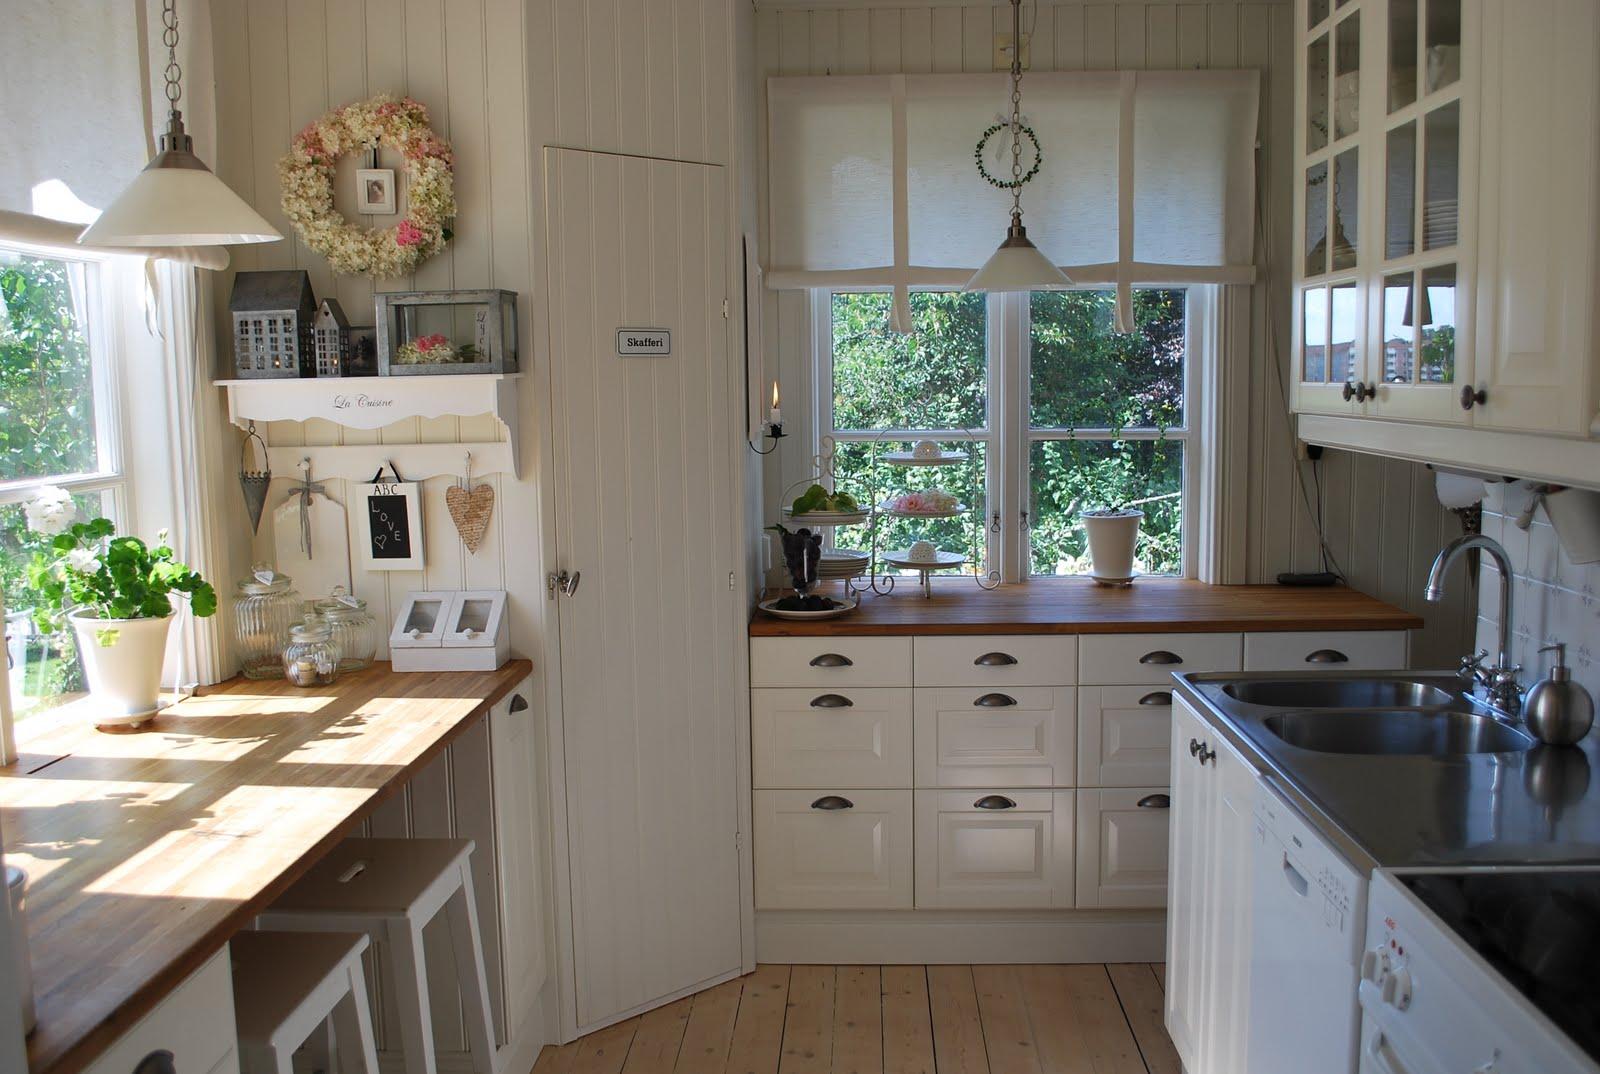 Gezellige Keuken Maken : Een fantastische Zweedse keuken, zo zou ik mijn keuken ook wel graag